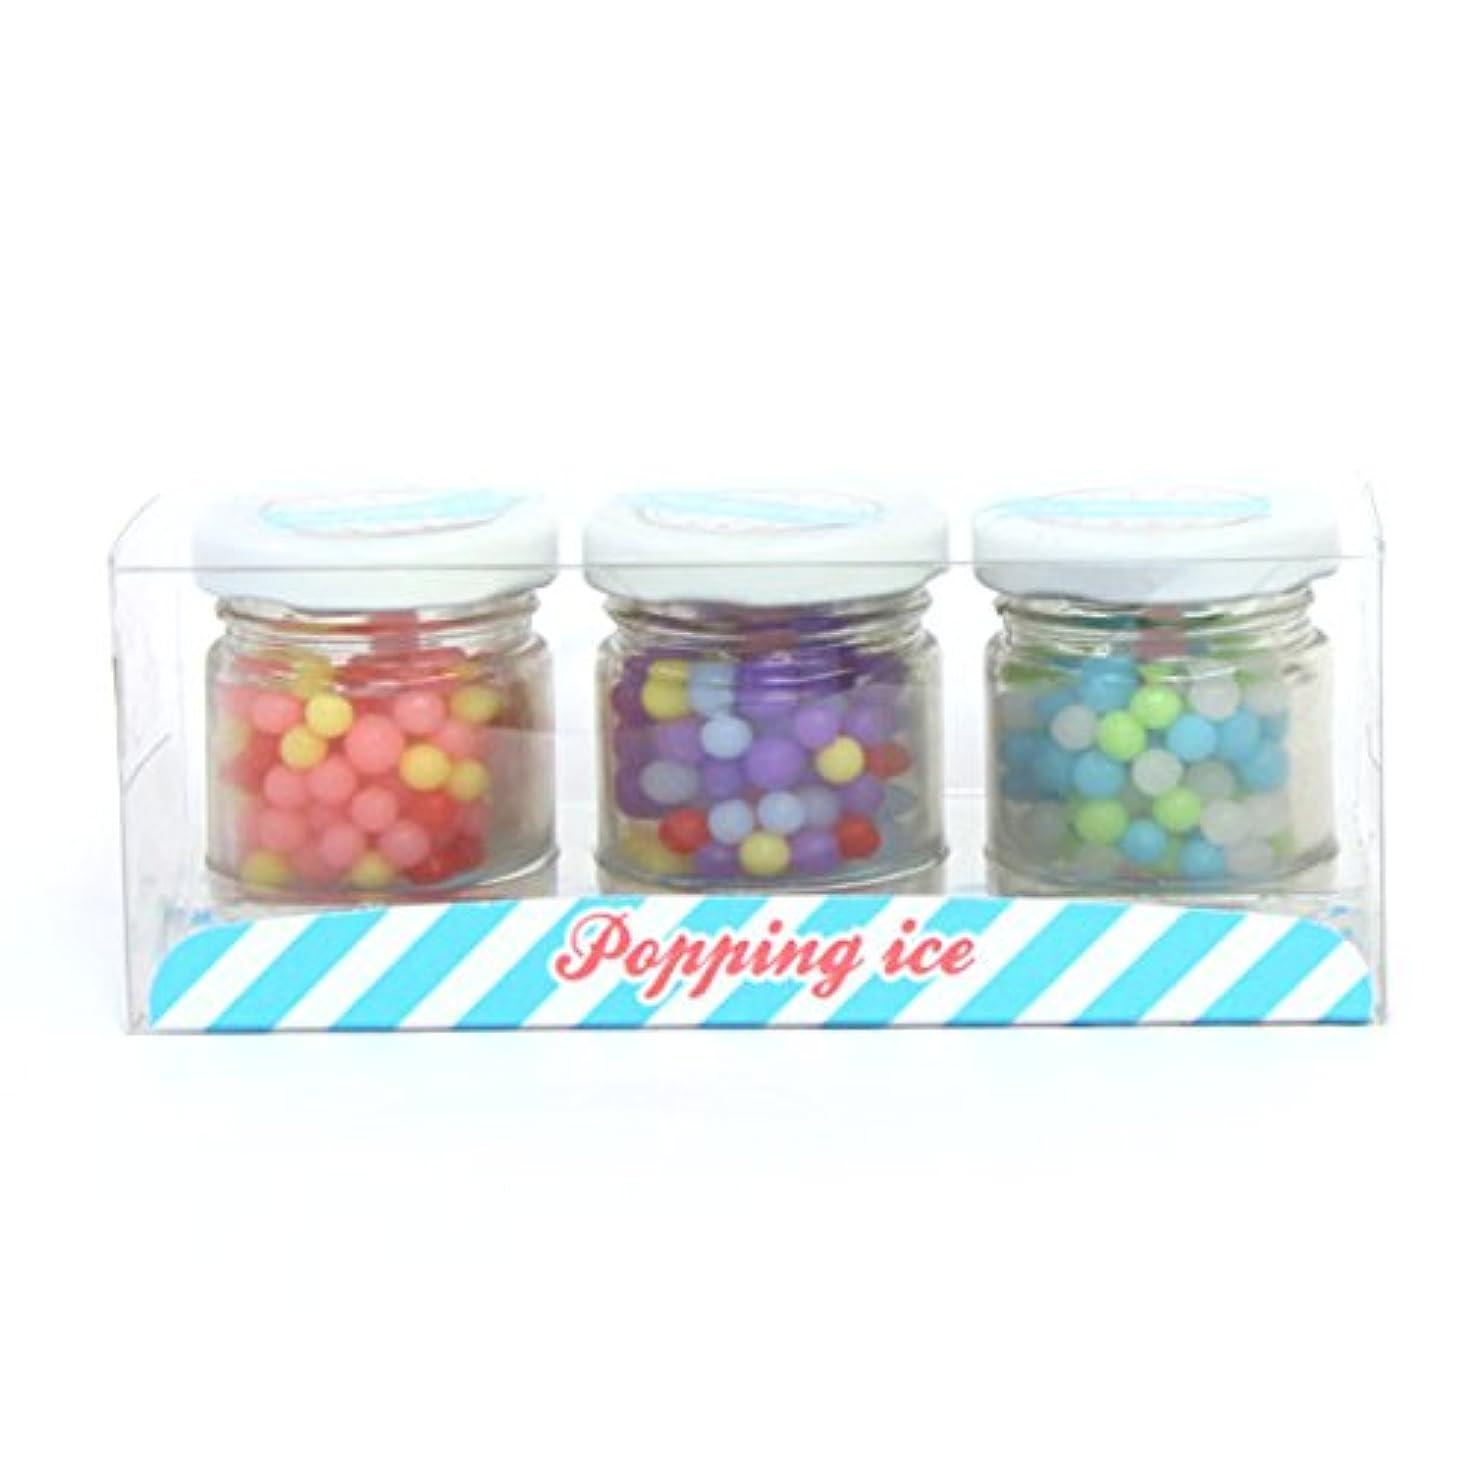 空白基本的な排気sweets candle(スイーツキャンドル) 【OUTLET】【アウトレット】つぶつぶアイス キャンドル 145×55×58 (outa3050000)